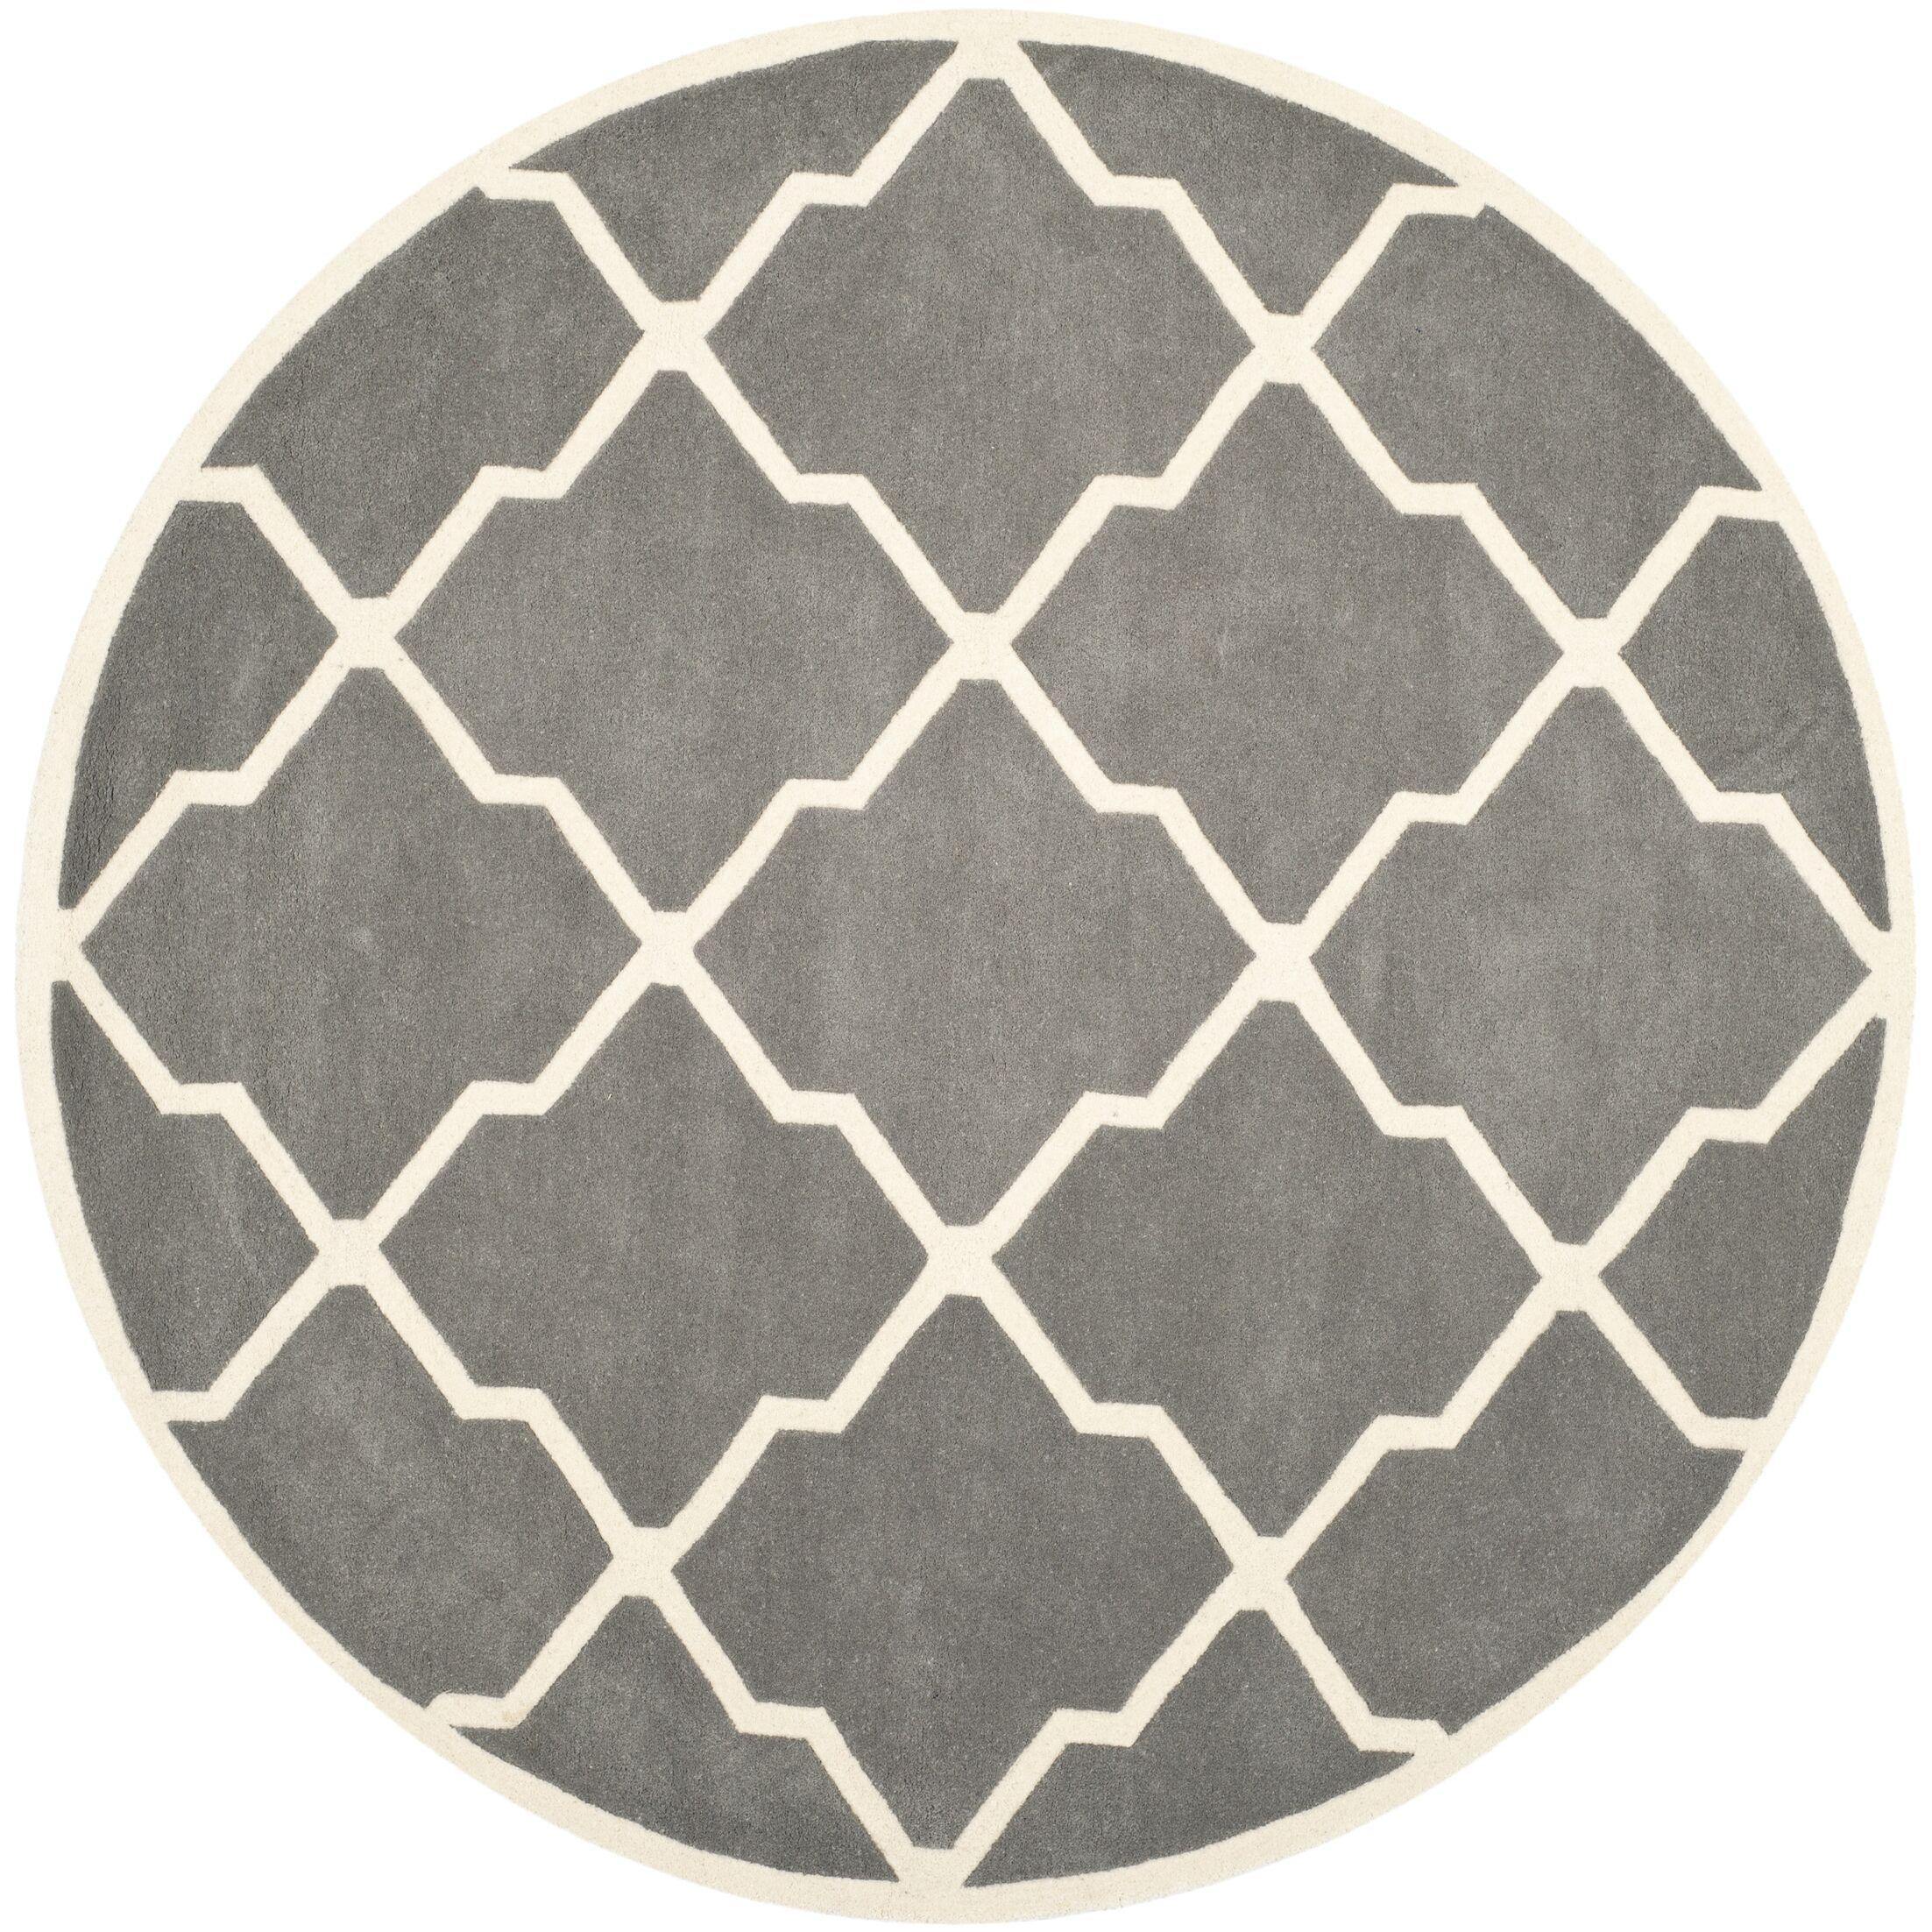 Wilkin Hand-Tufted Dark Gray/Ivory Area Rug Rug Size: Round 7'